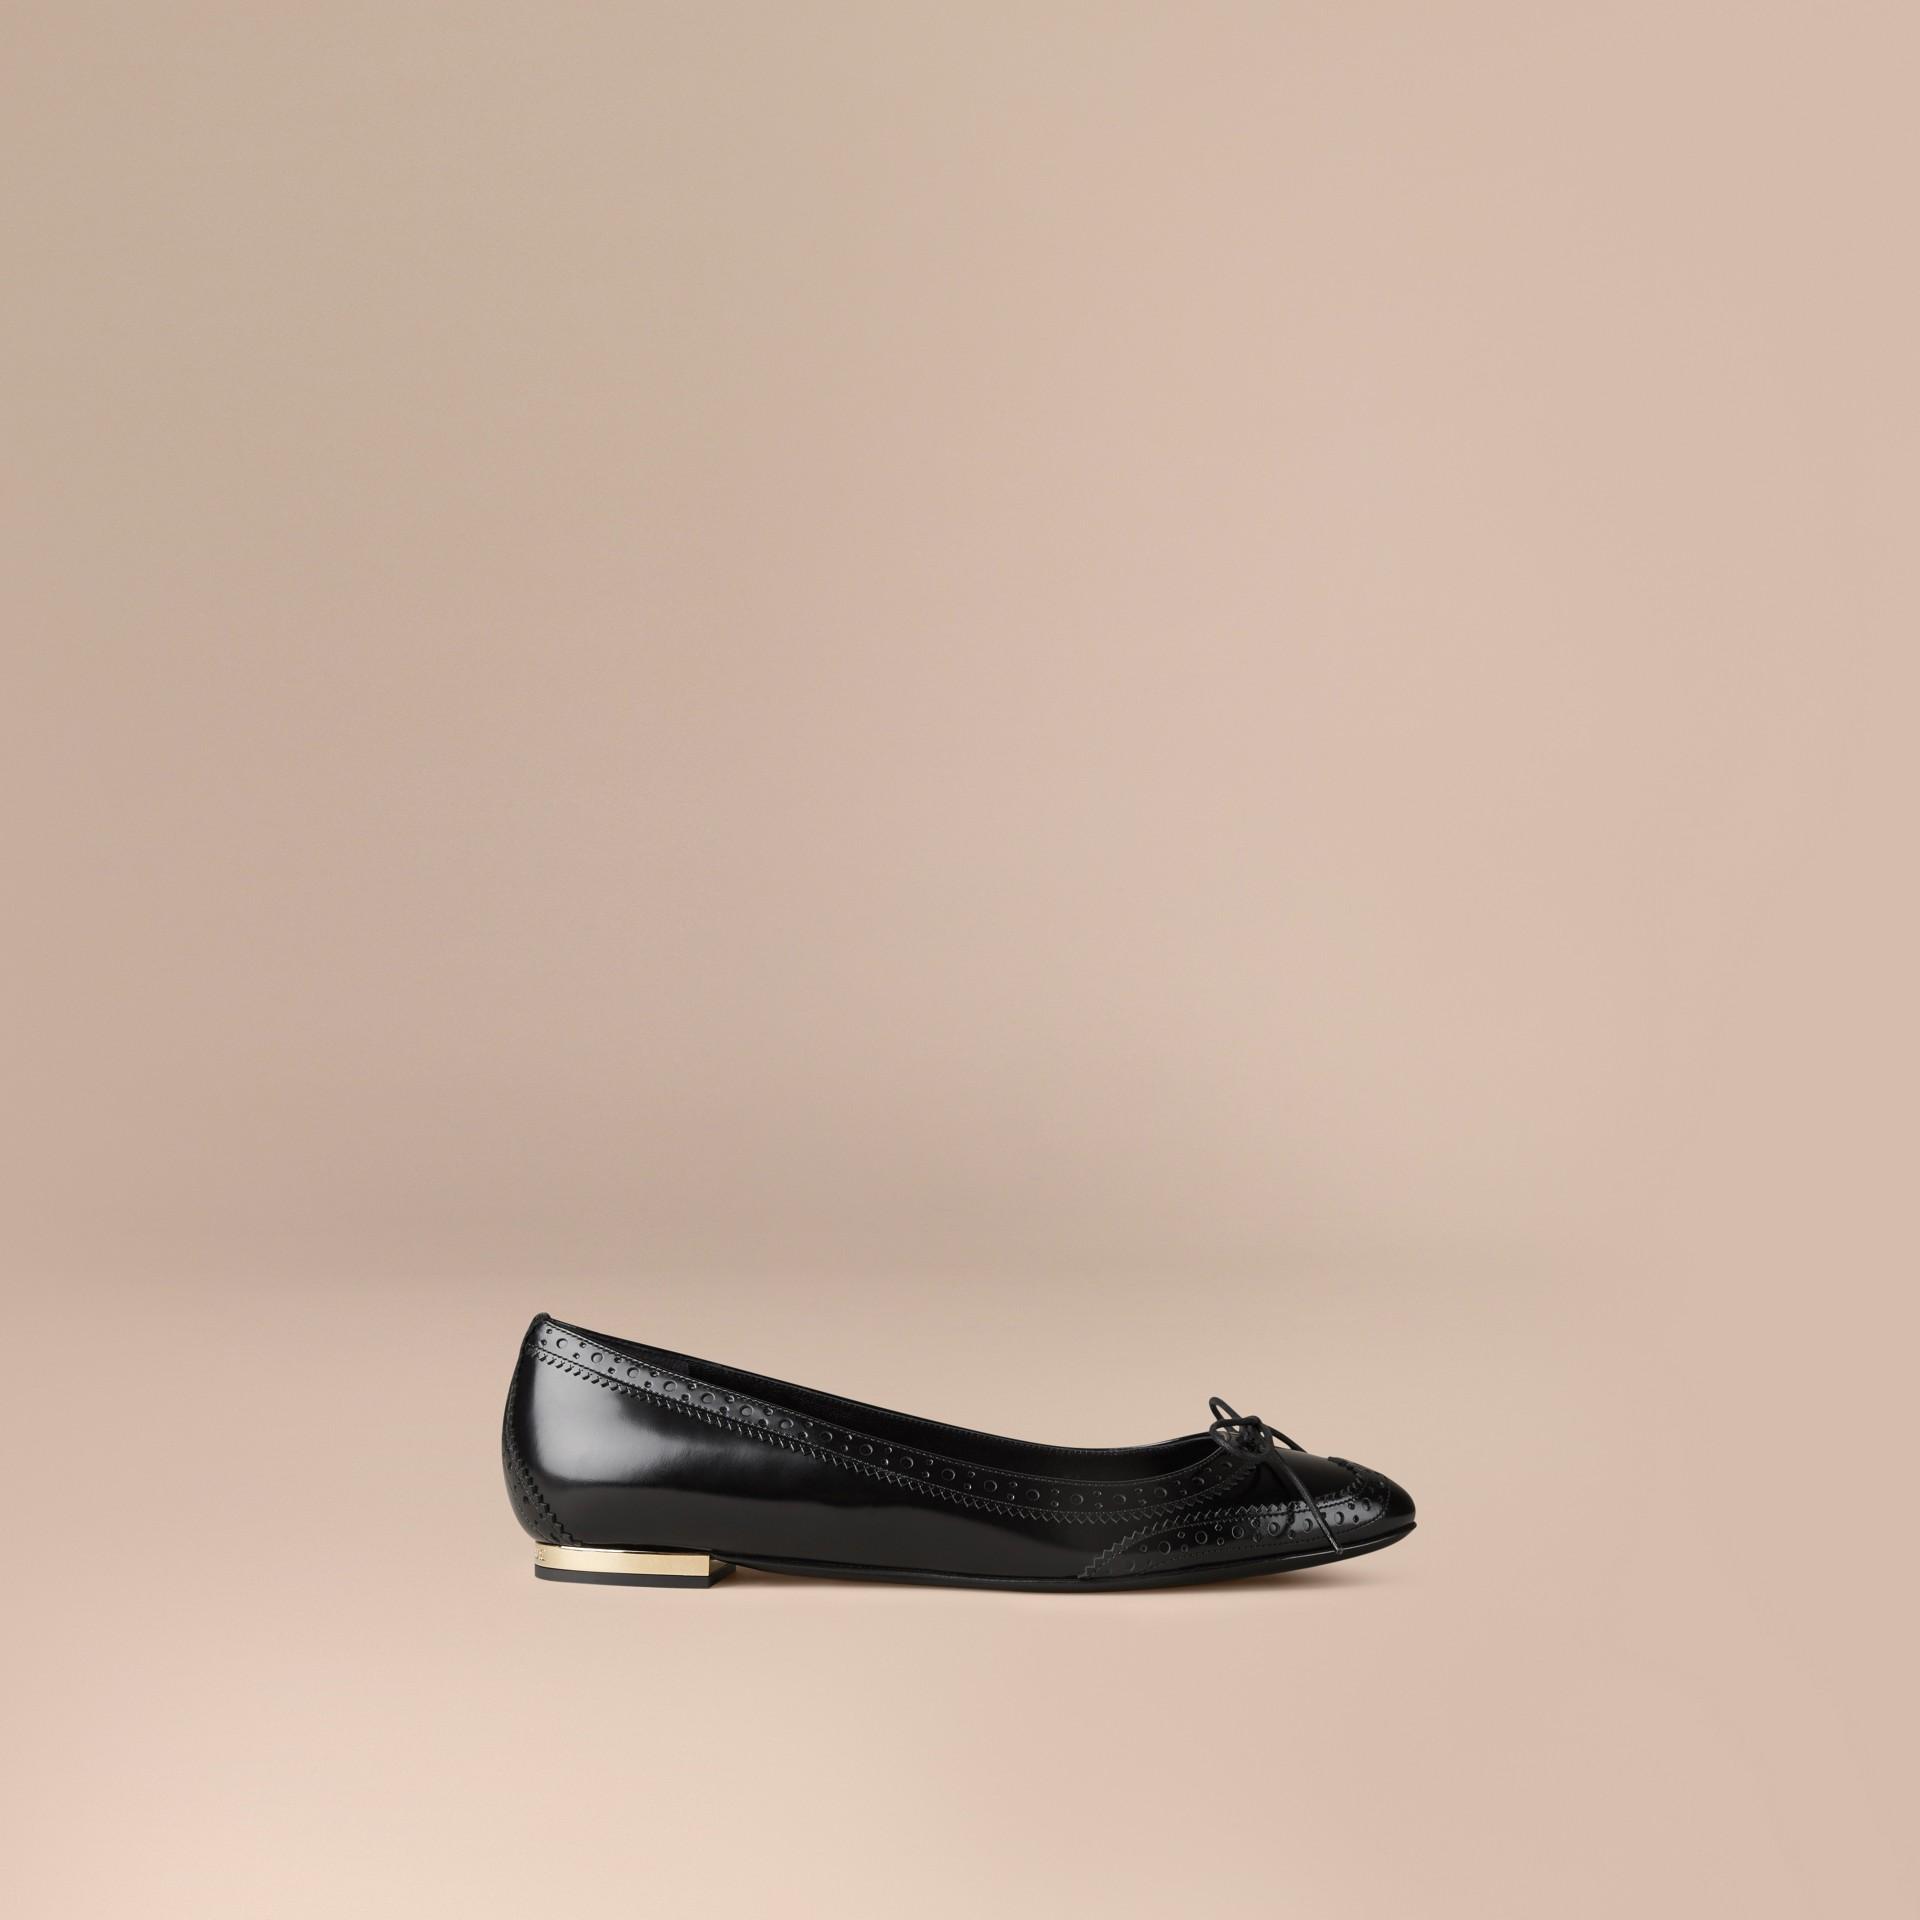 Schwarz Ballerinas aus Leder mit Brogue-Detail - Galerie-Bild 1